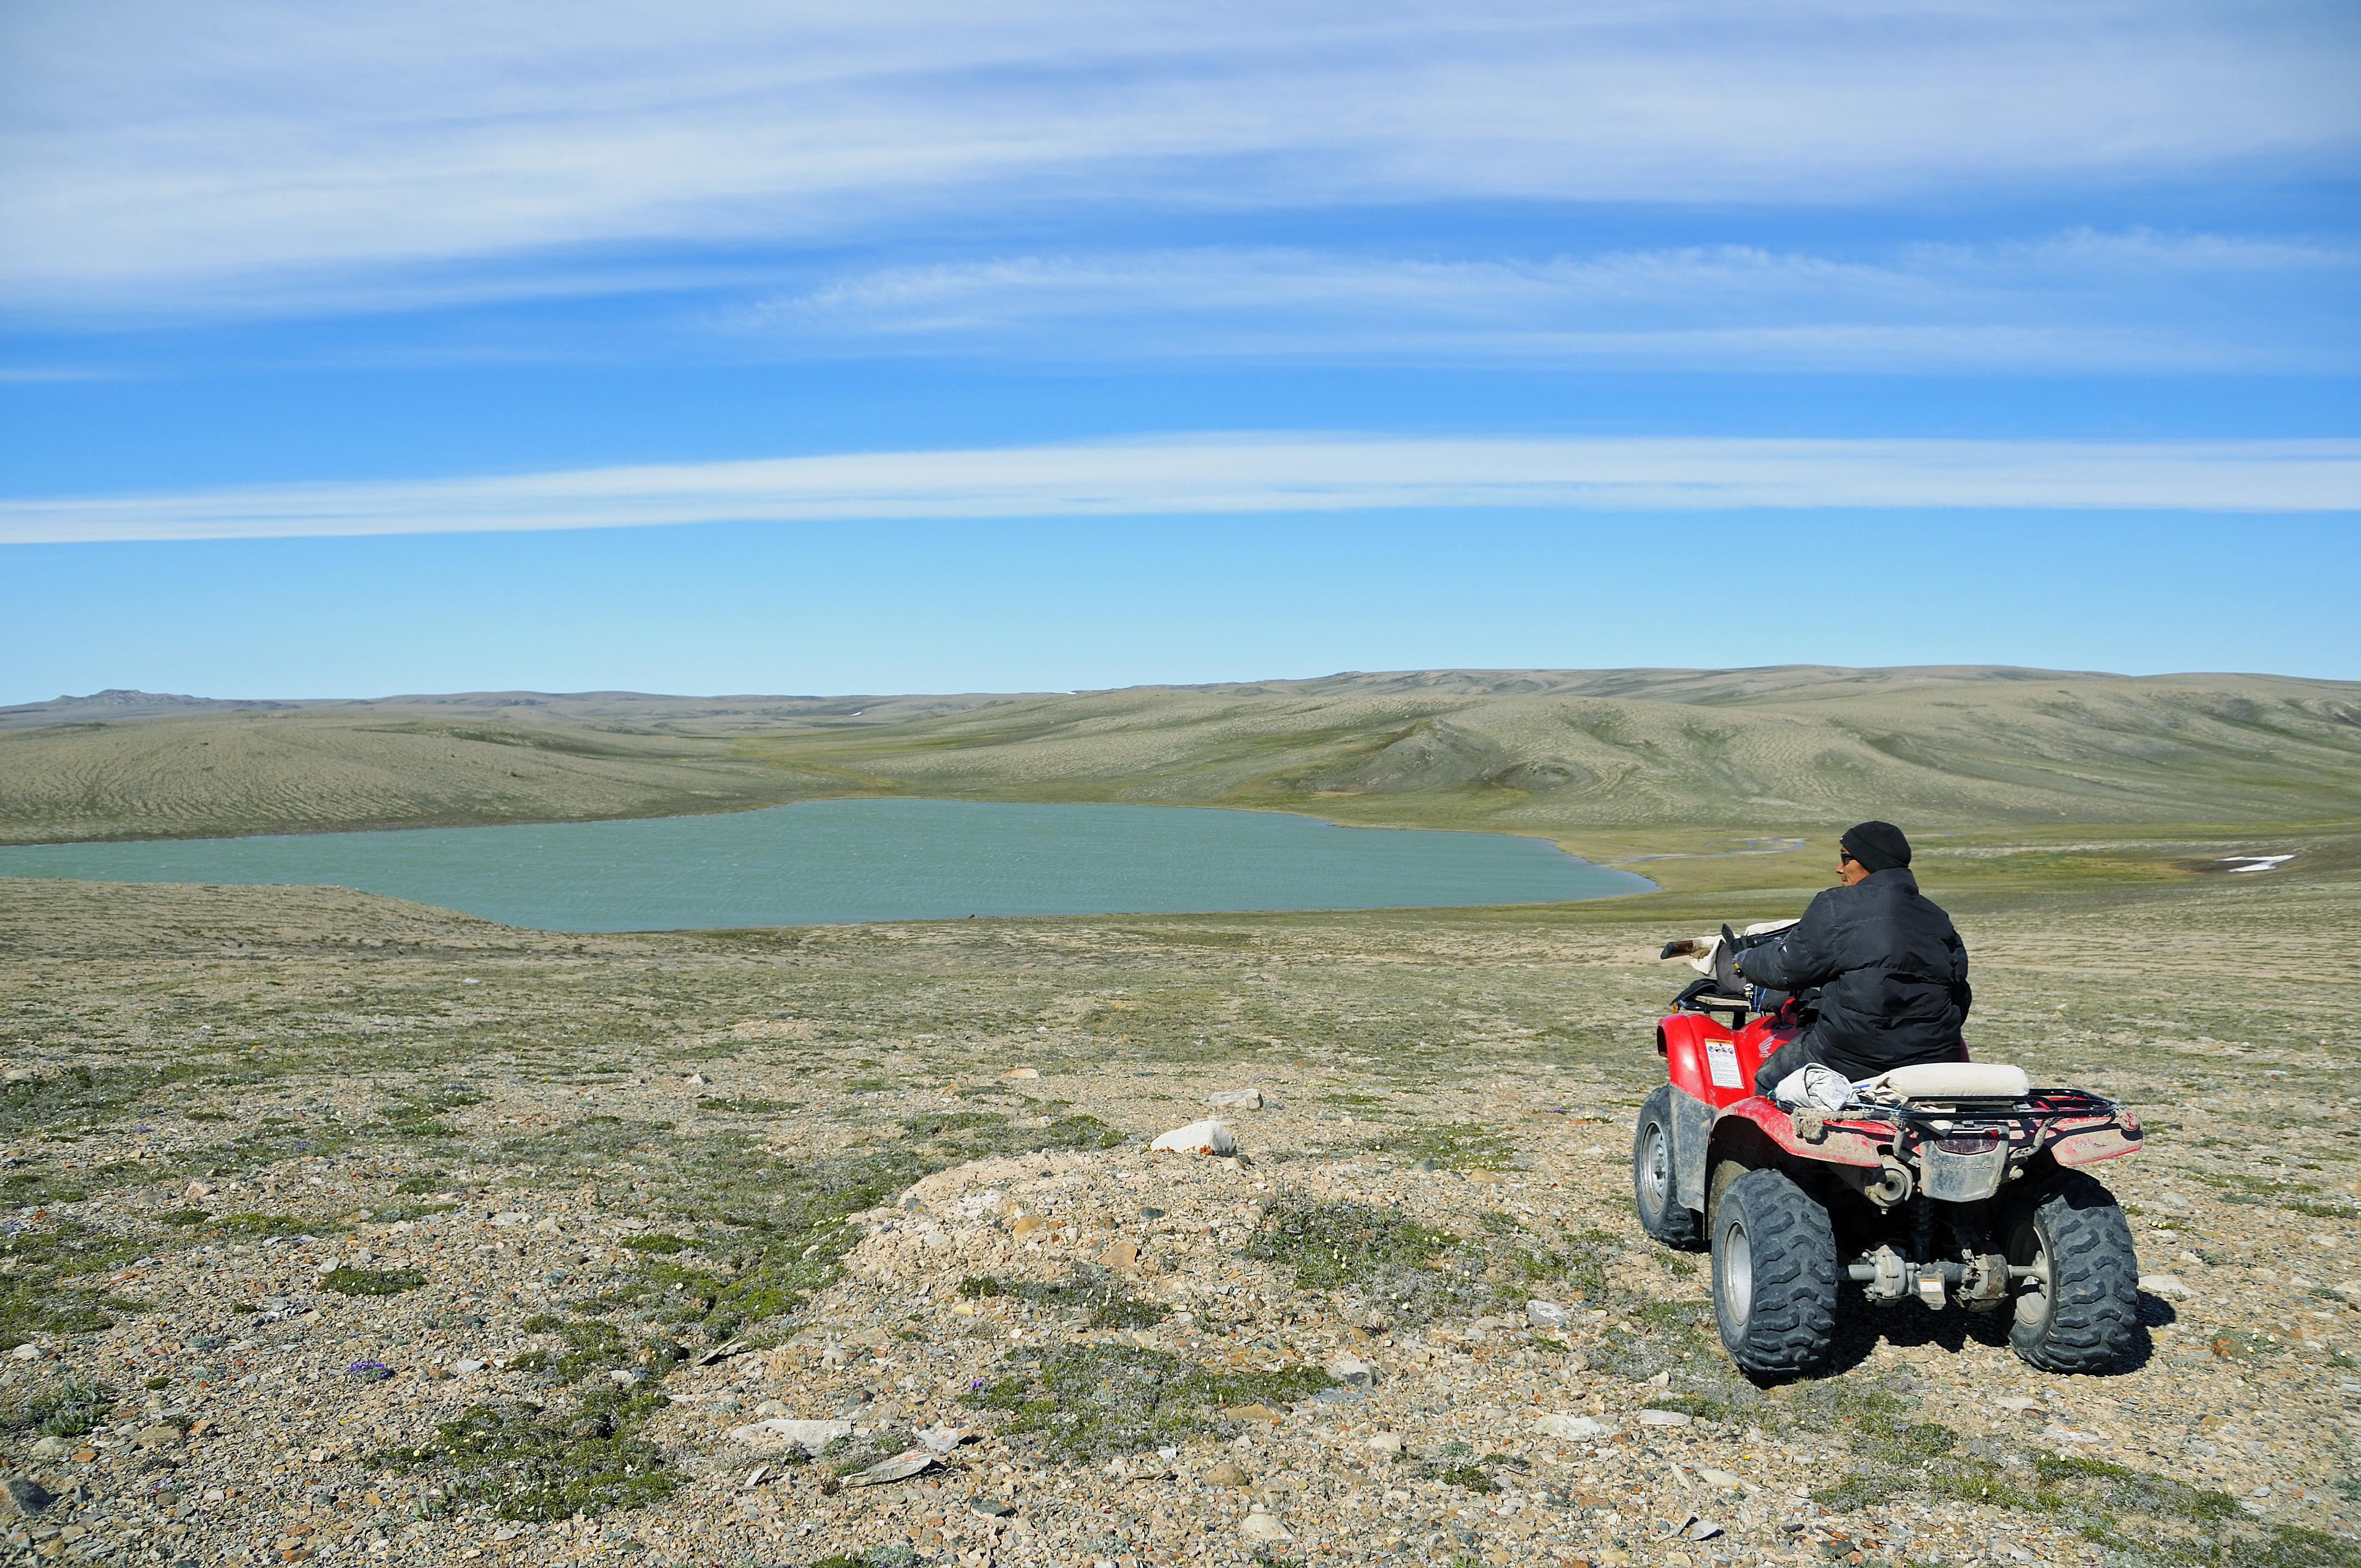 Mann vom Volk der Inuit mit einem Quad (ATM) steht am Ufer eines See in der Tundra, Victoria Island (vorher Holman Island), Dorf Ulukhaktok, Northwest Territories, Kanada, Amerika